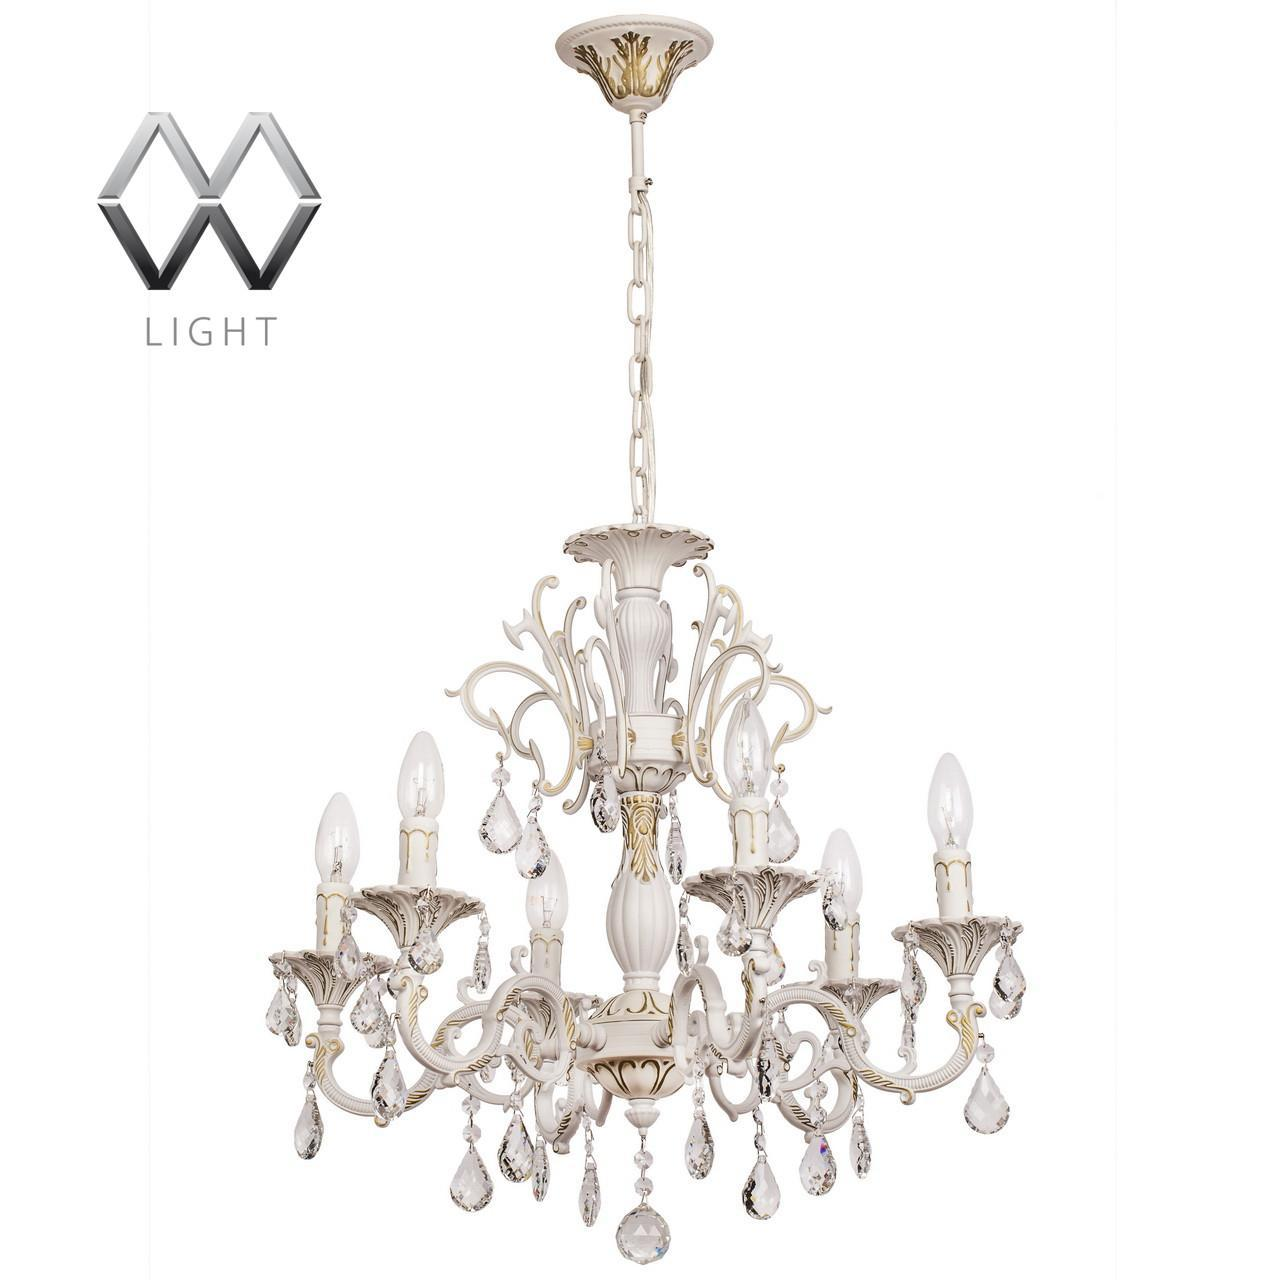 Люстра MW-Light Свеча 301014706 подвесная подвесная люстра свеча 301014706